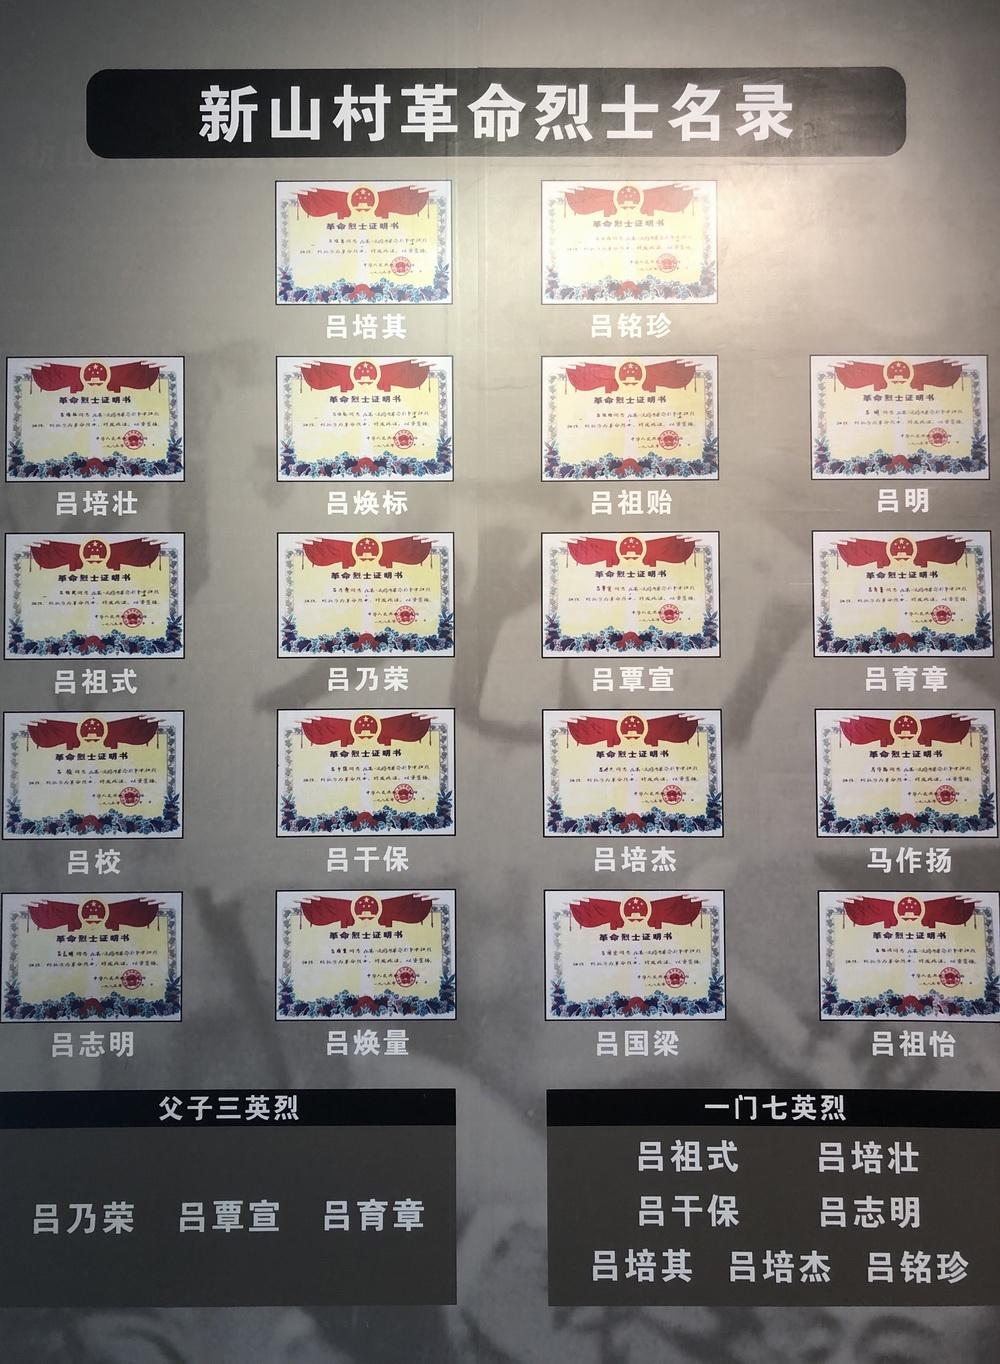 民政部门登记在册的新山村革命烈士有18名,新山村还涌现出吕培其一门七英烈、吕乃荣父子三烈士等壮烈事迹。